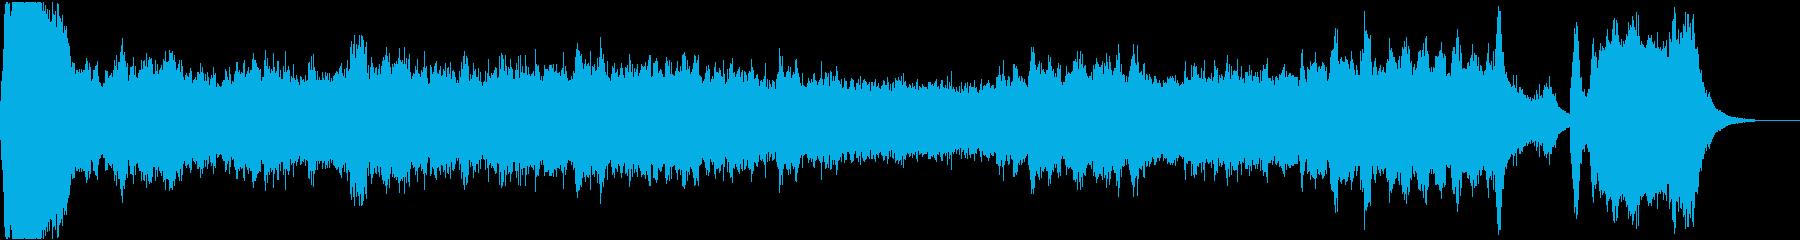 バッハ風の悲しげなパイプオルガンの再生済みの波形